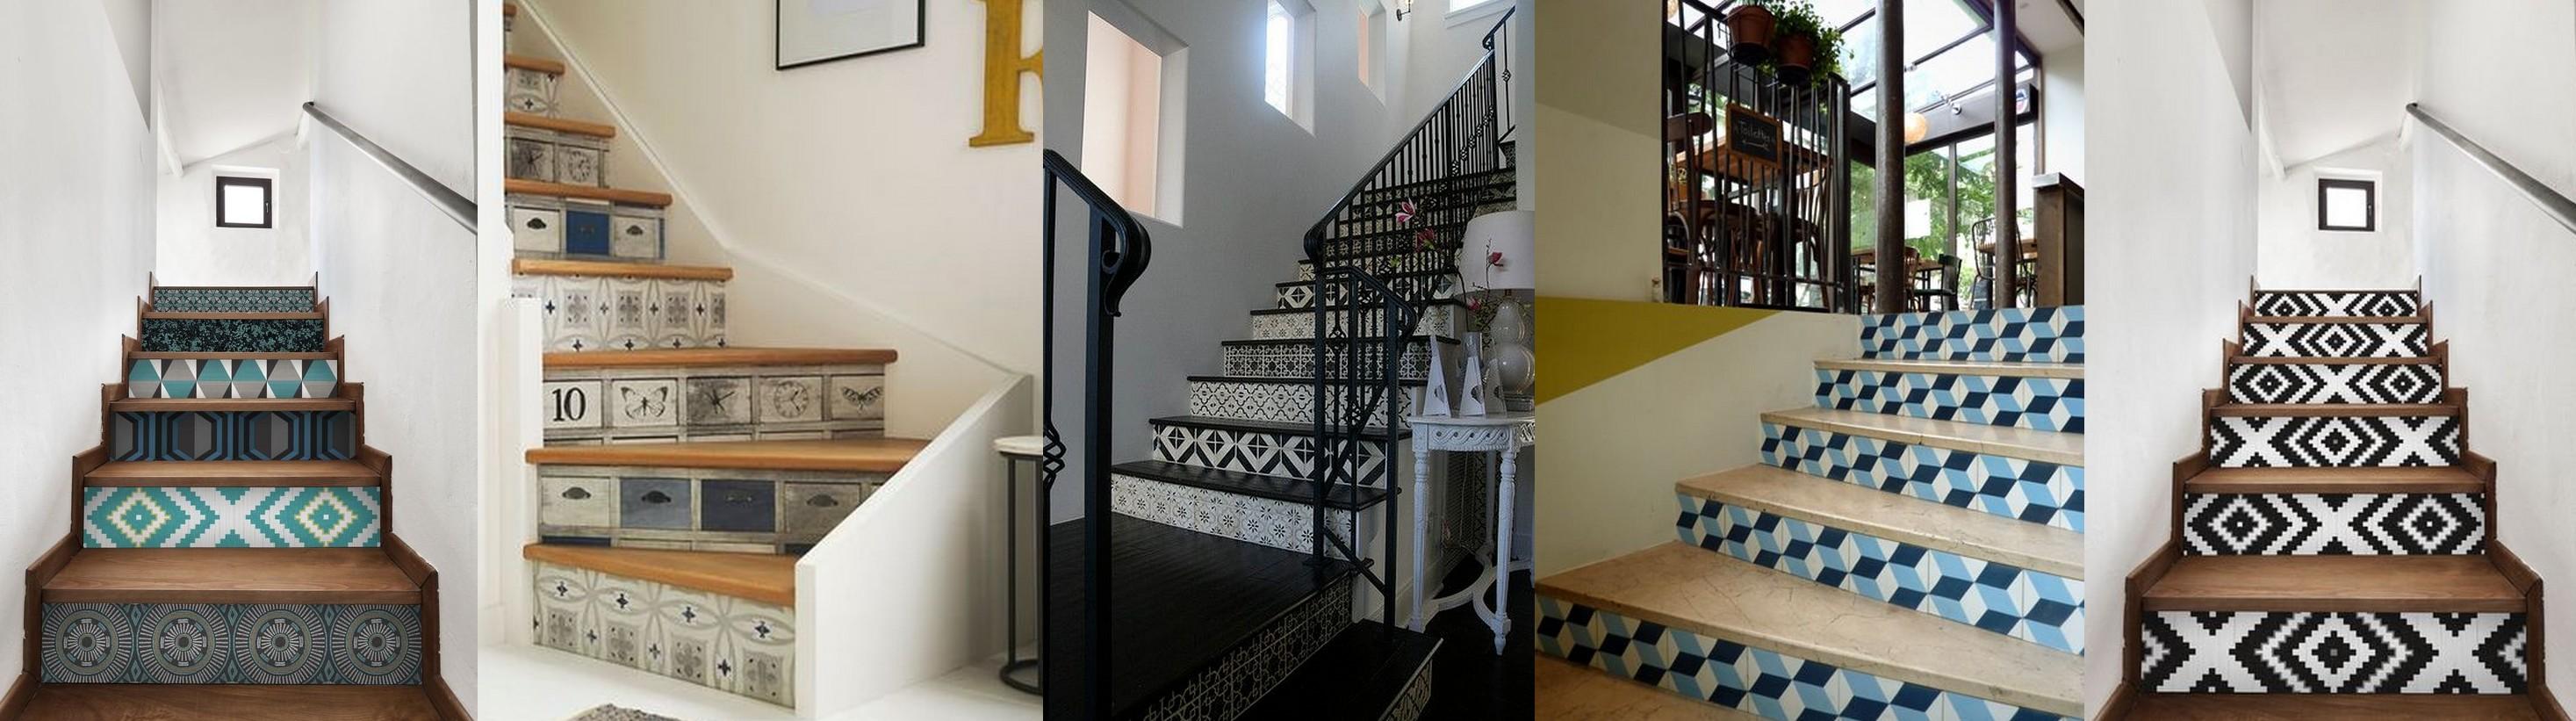 Carreaux (escalier)